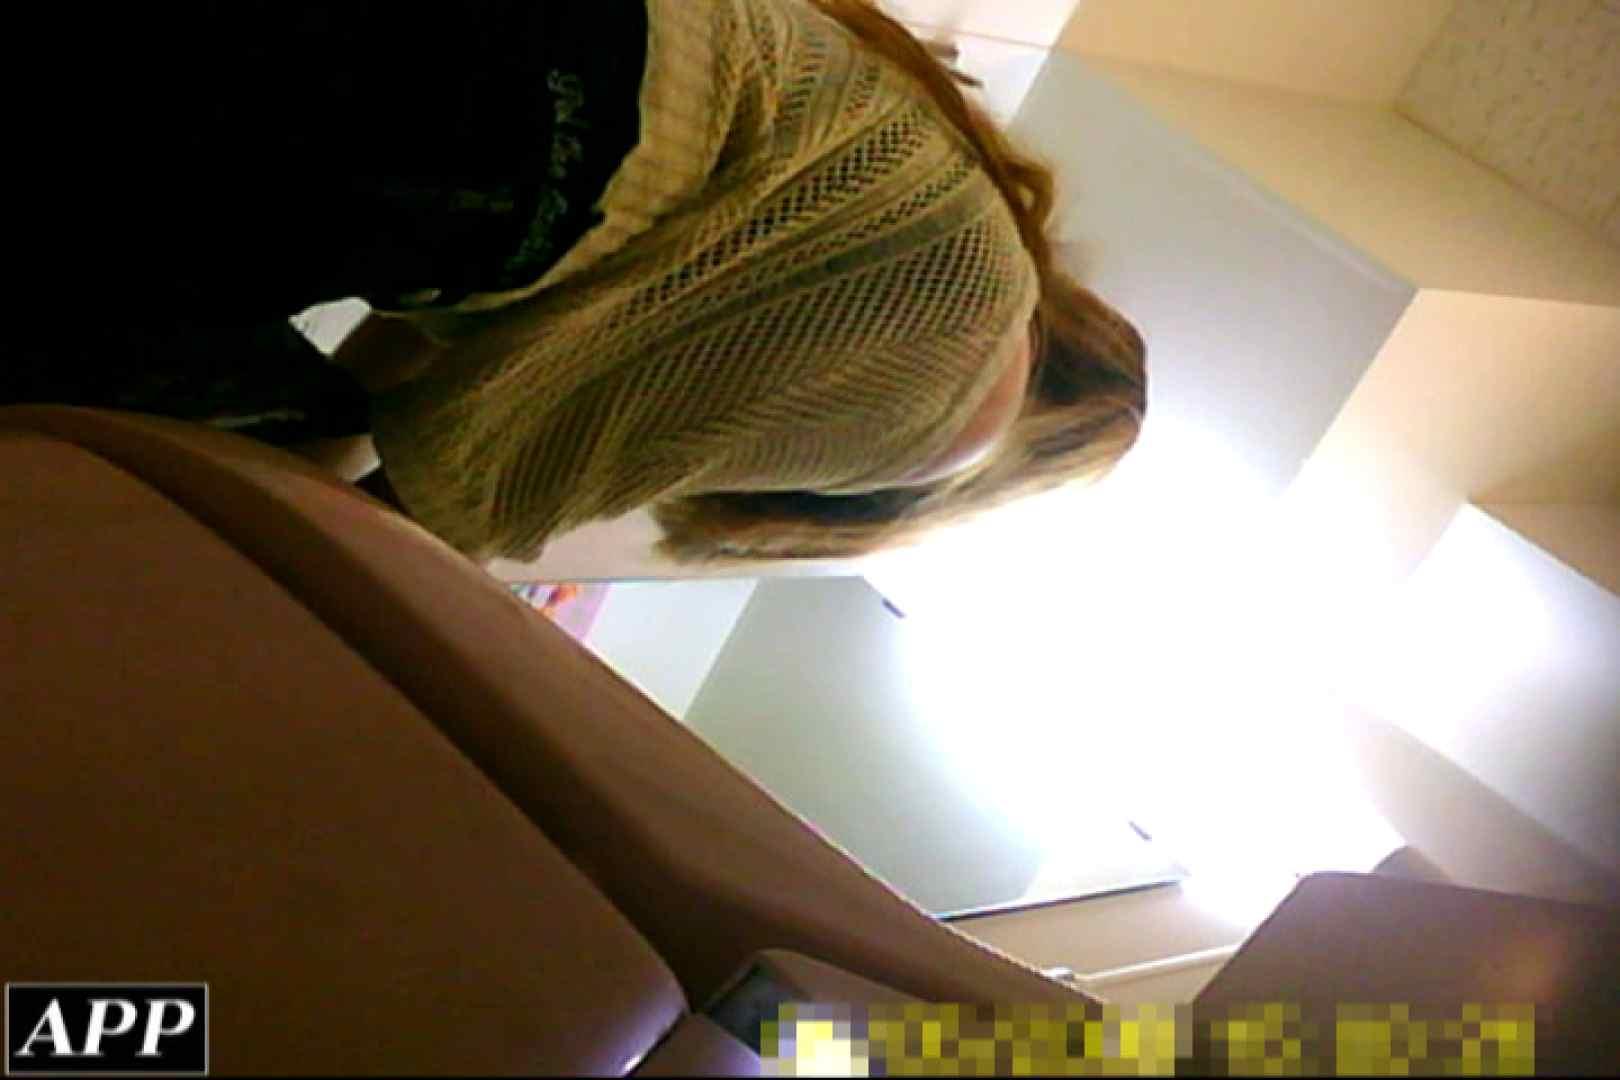 3視点洗面所 vol.117 洗面所のぞき アダルト動画キャプチャ 95枚 95